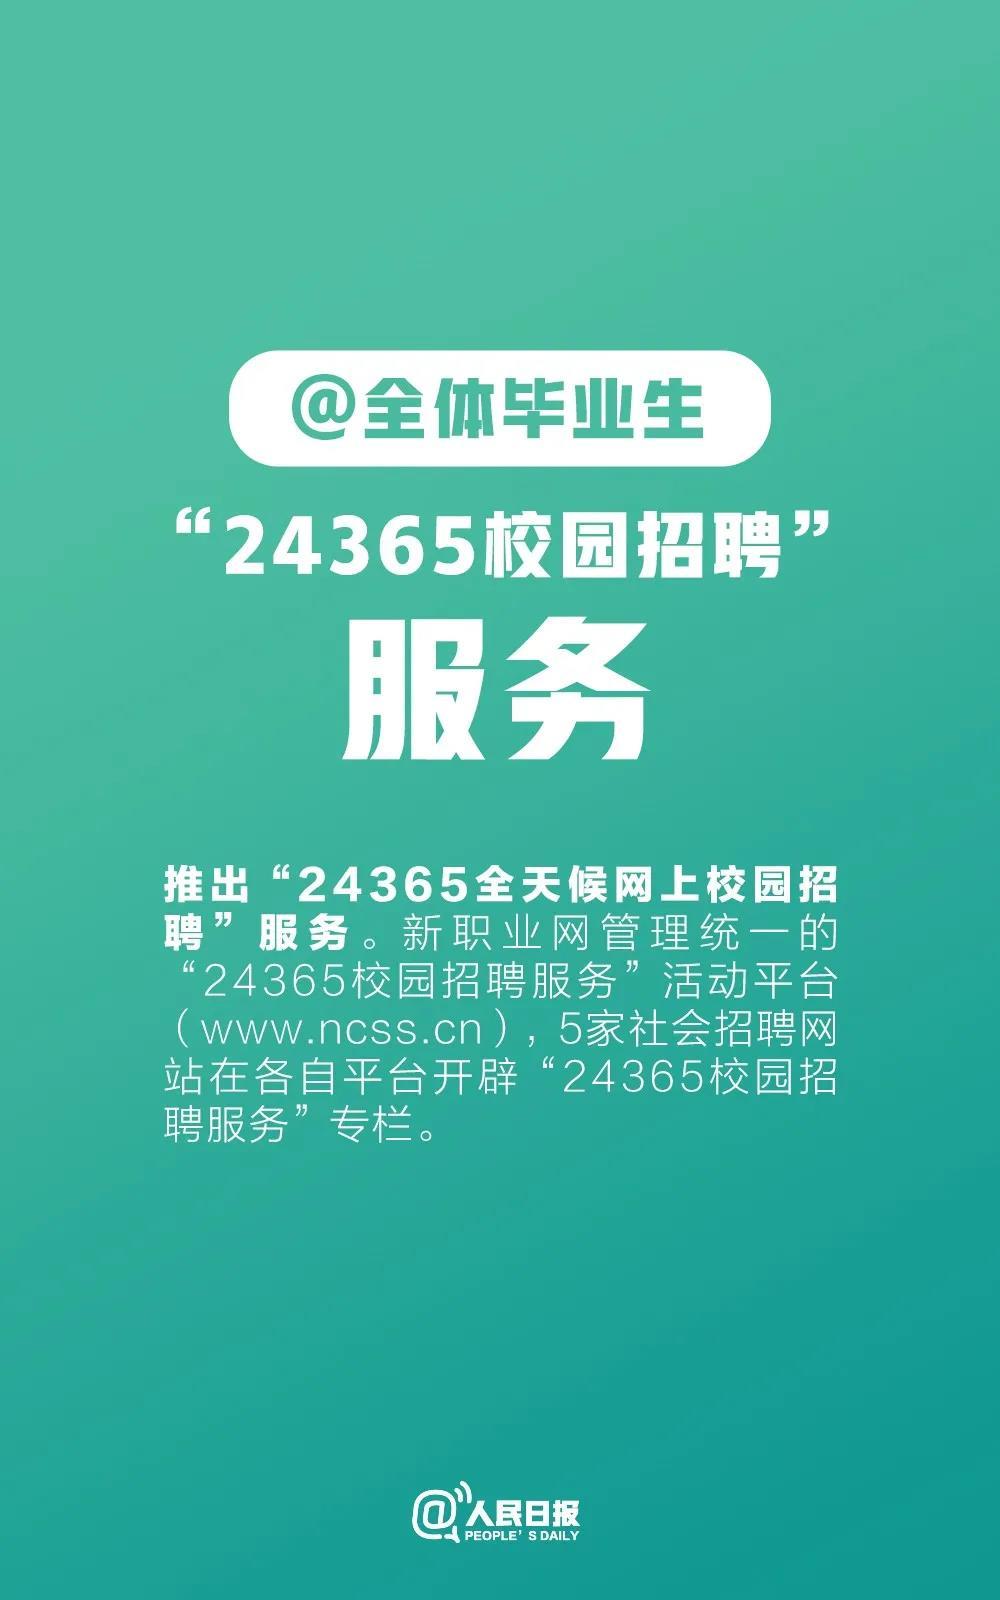 1582941813292473.jpg